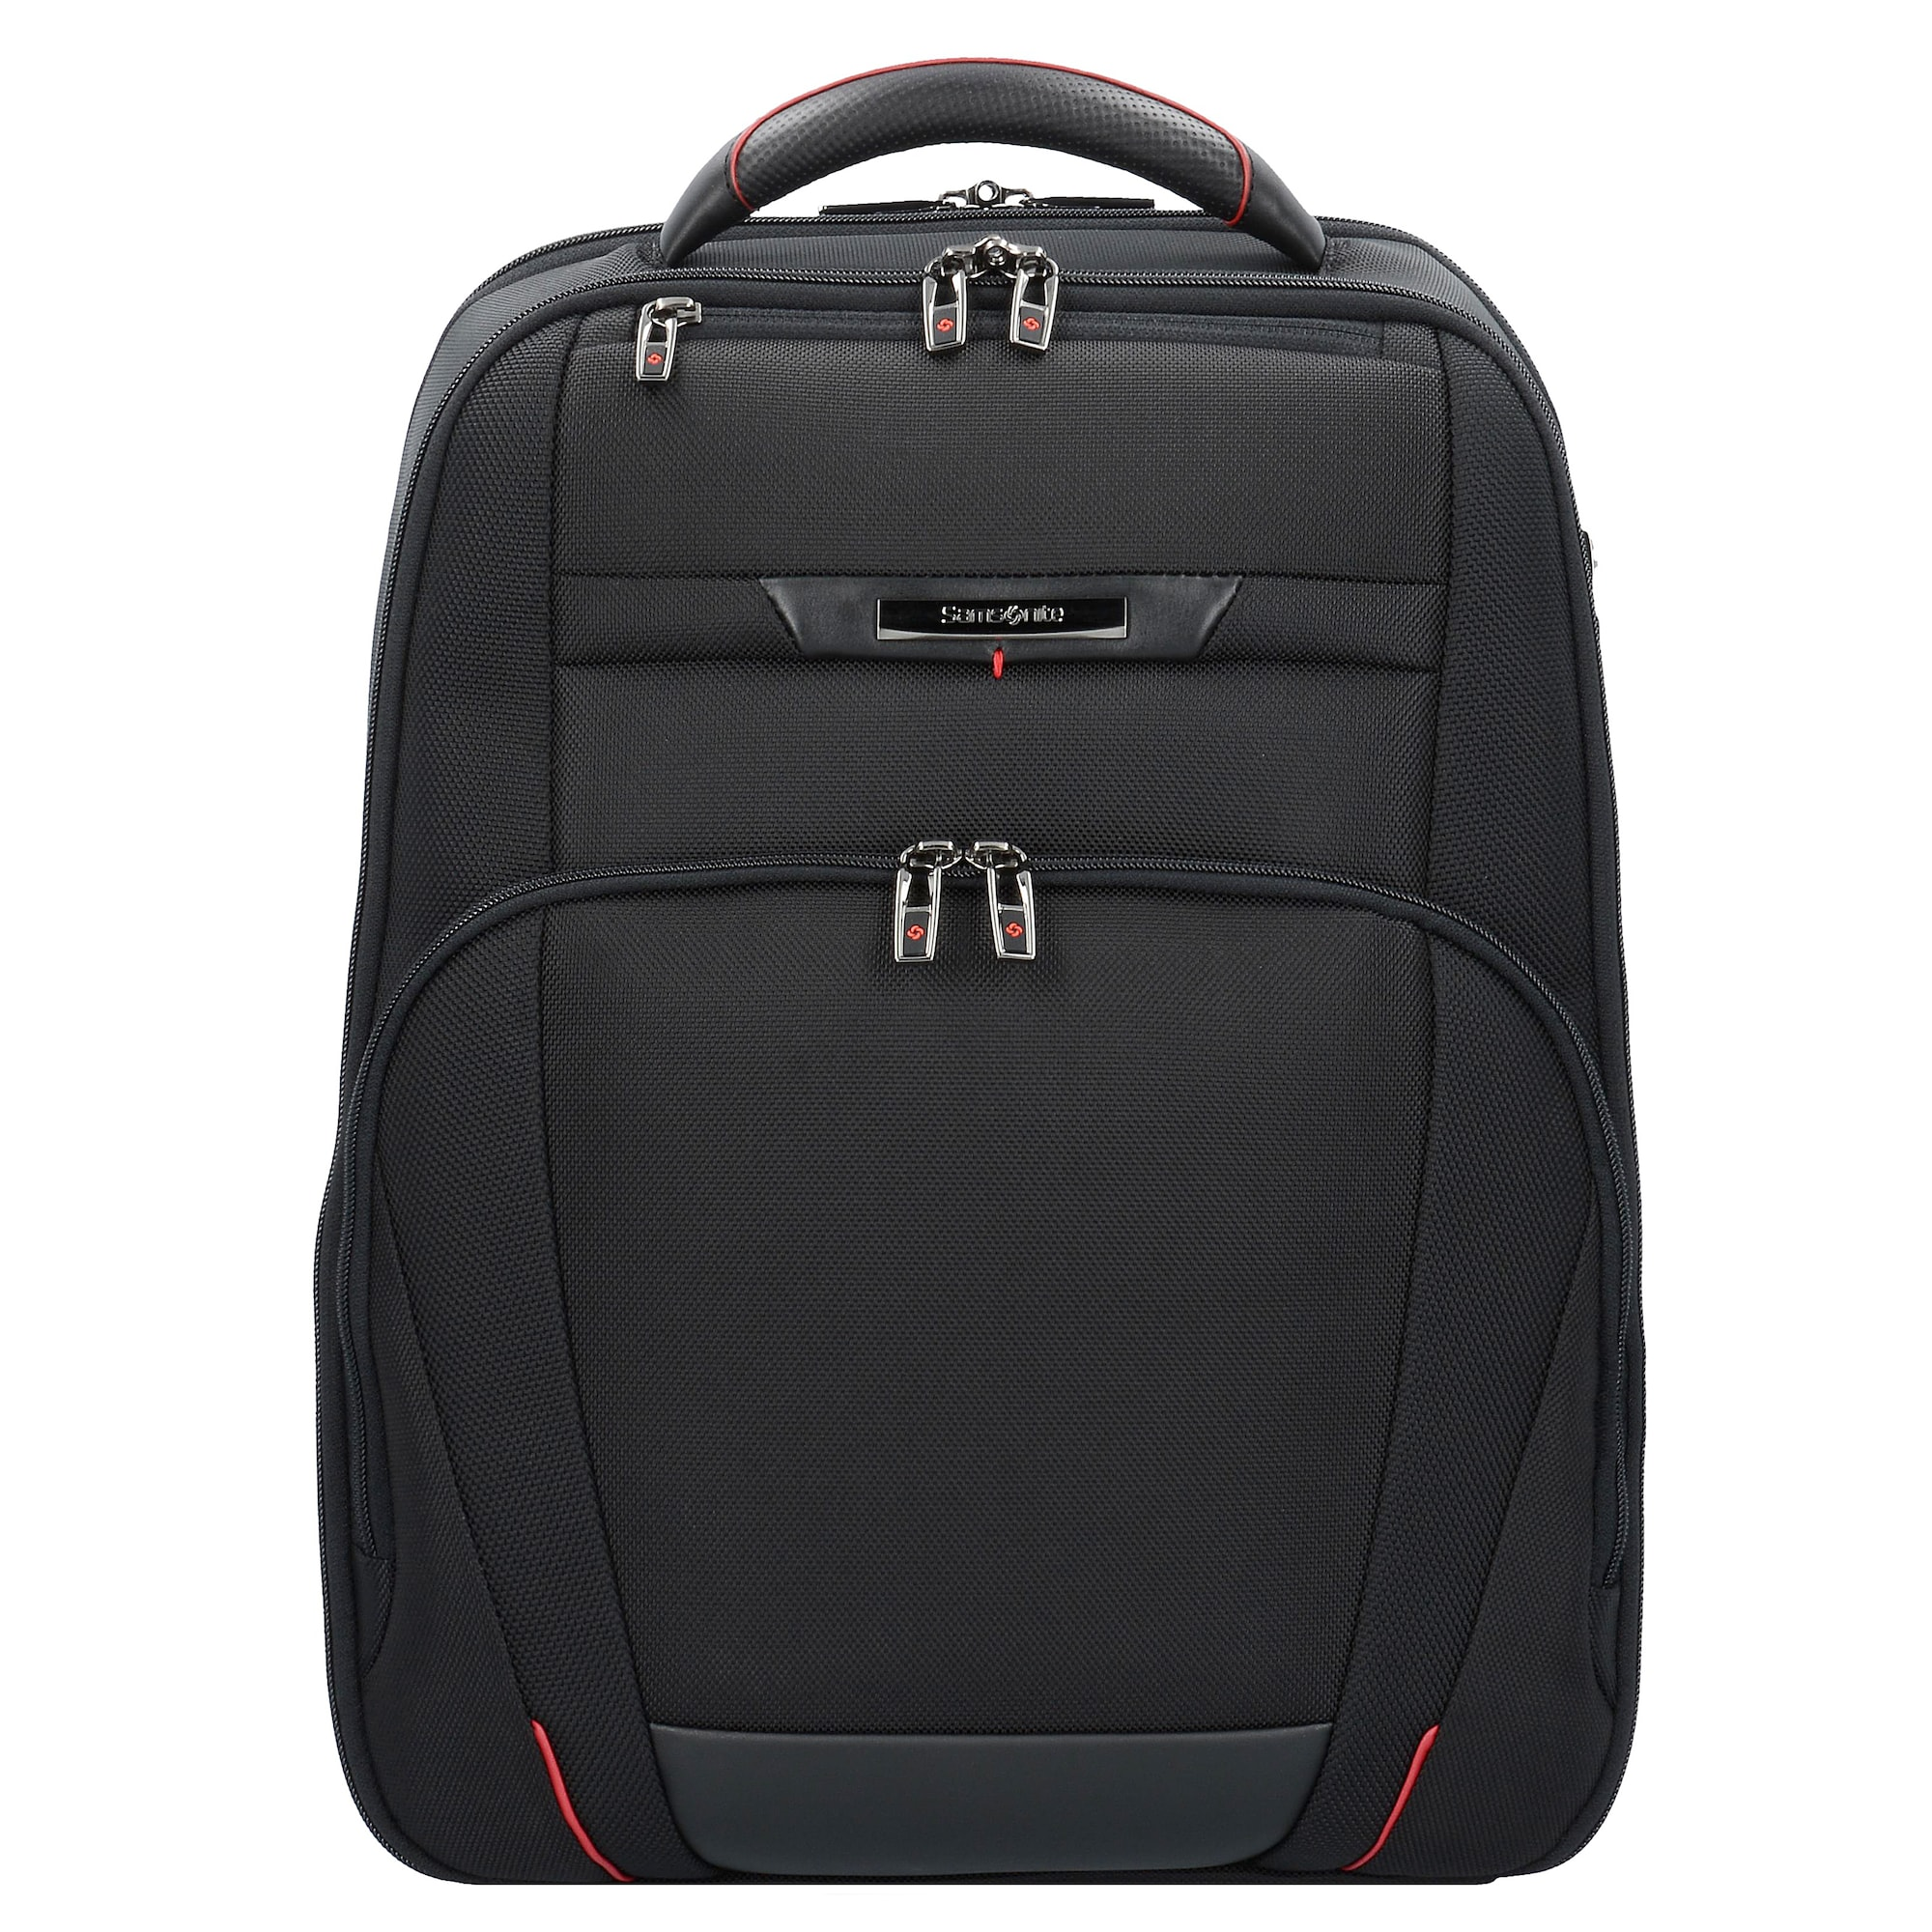 Business Rucksack 'Pro-DLX 5' 45 cm | Taschen > Businesstaschen | Schwarz | Samsonite